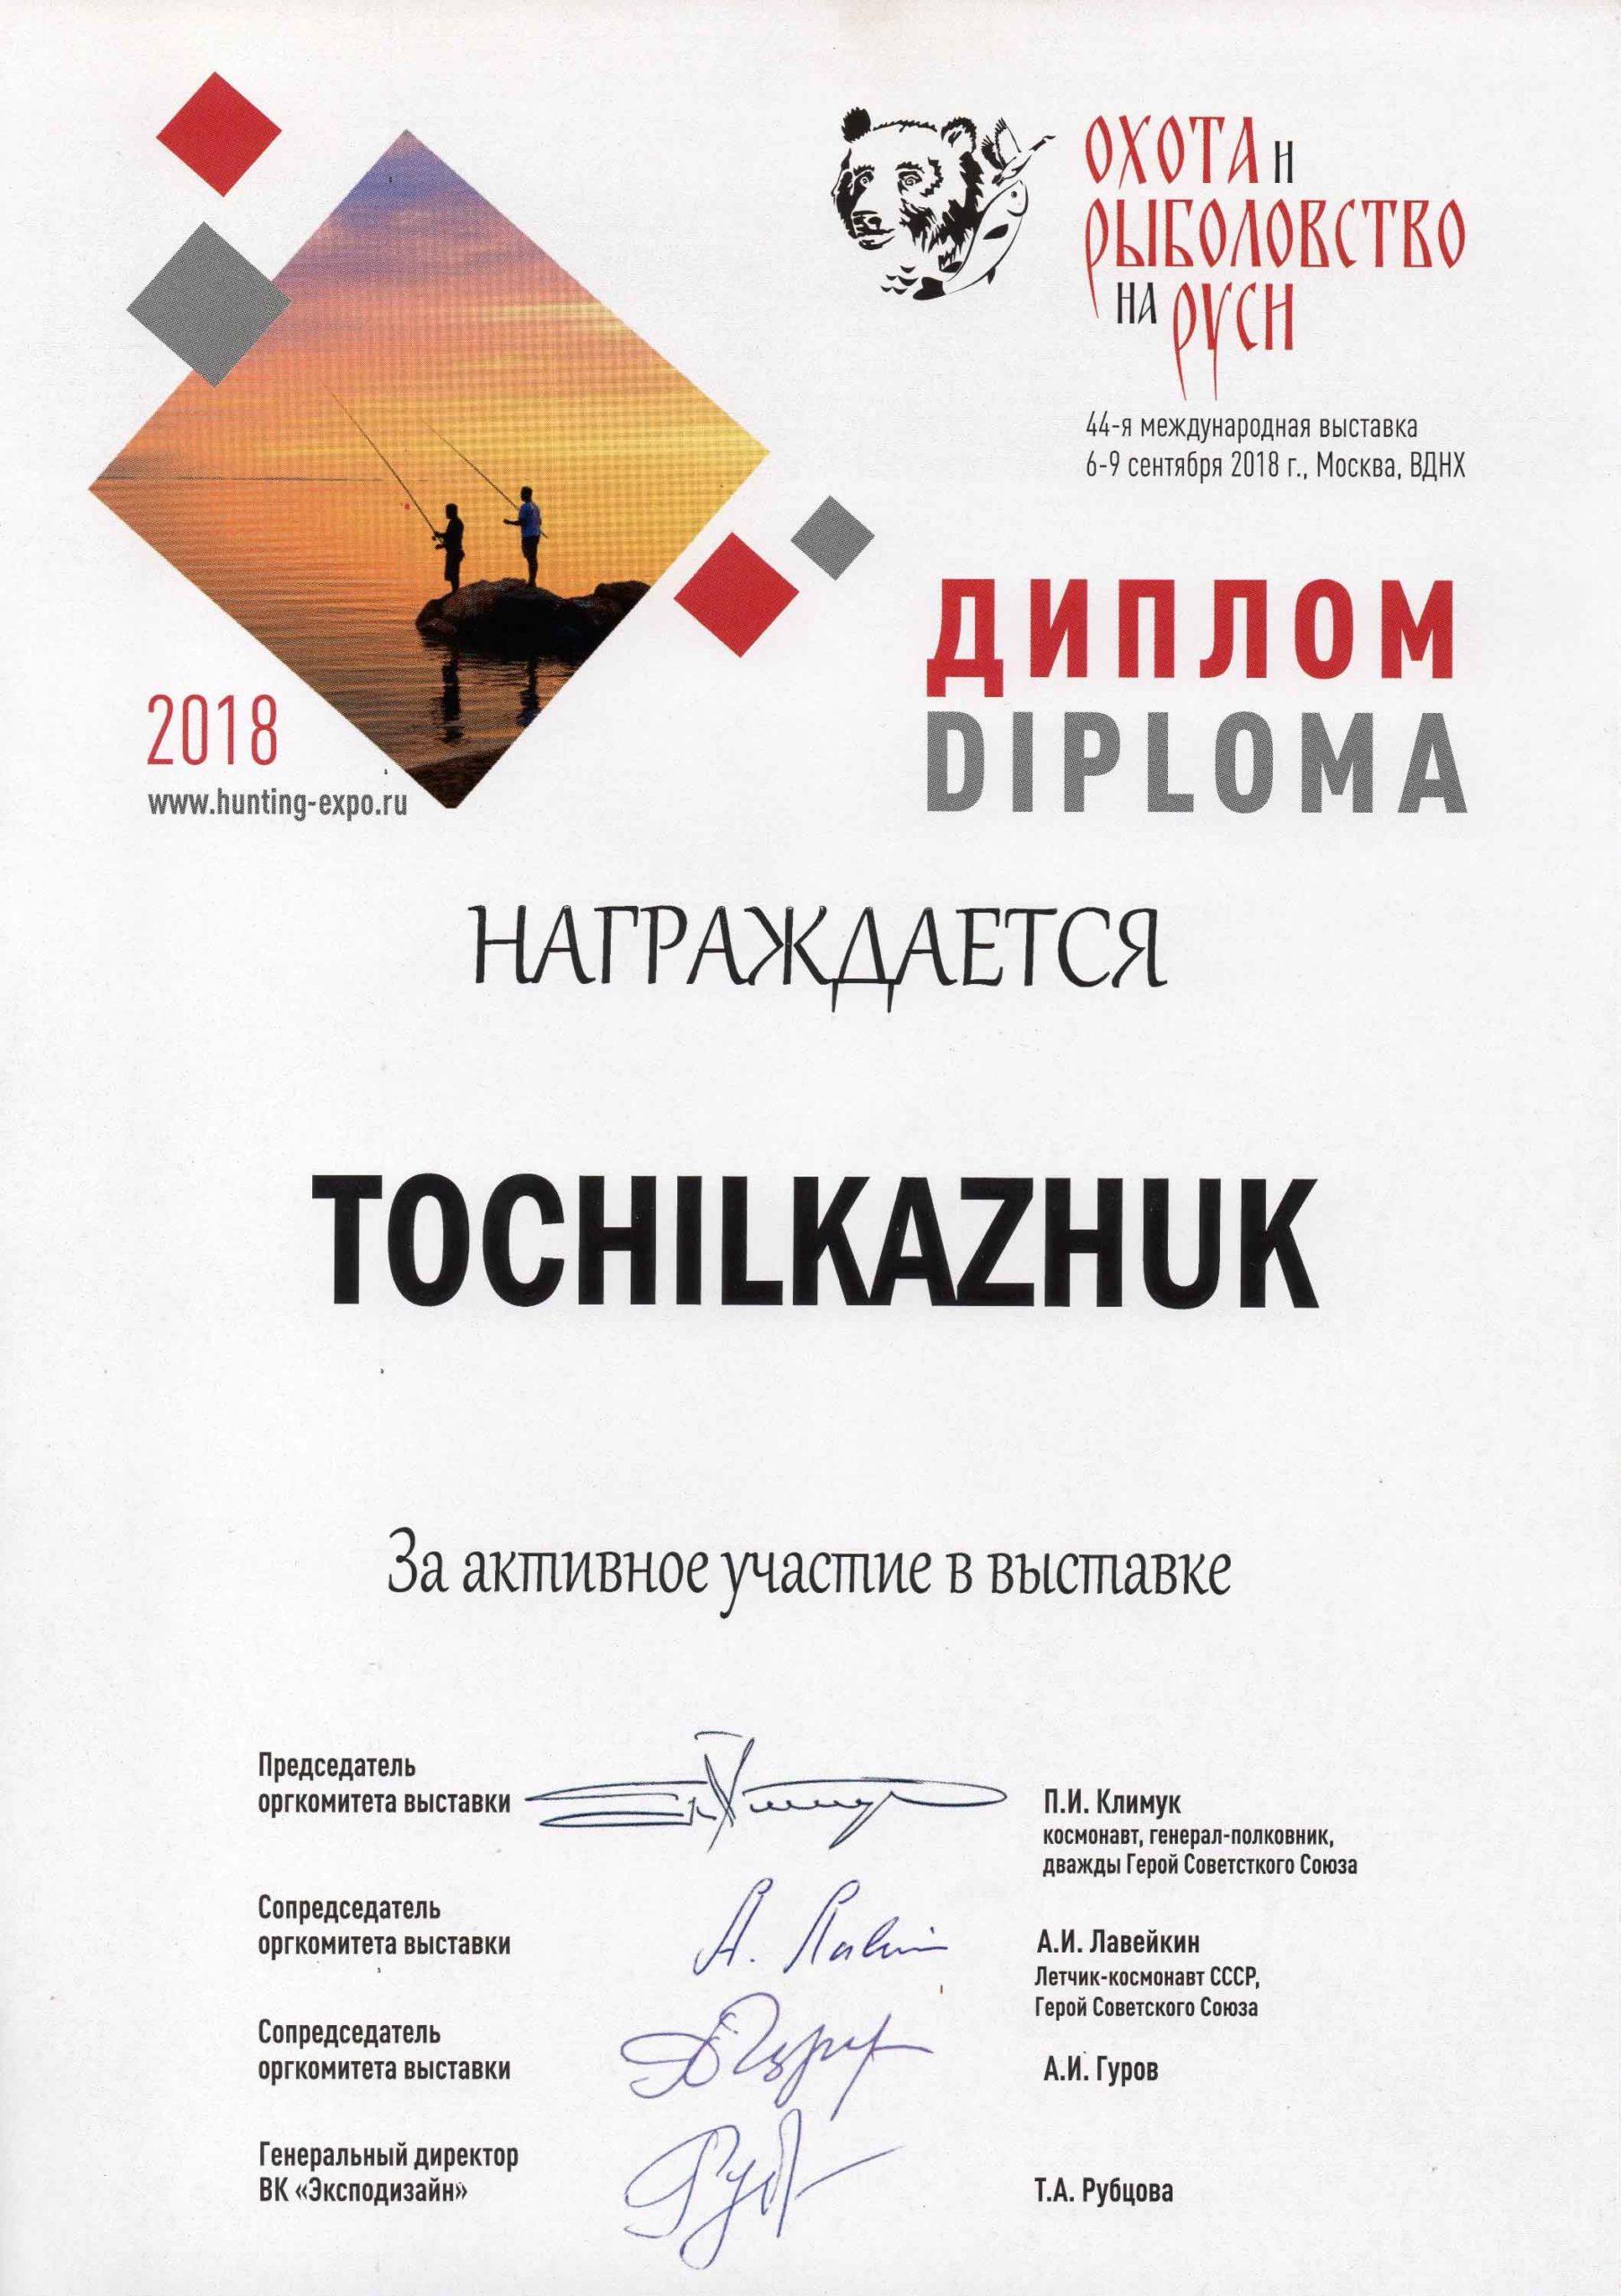 diplom ohota i rybolovstvo na rusi sentyabr 2018 tochilka zhuk